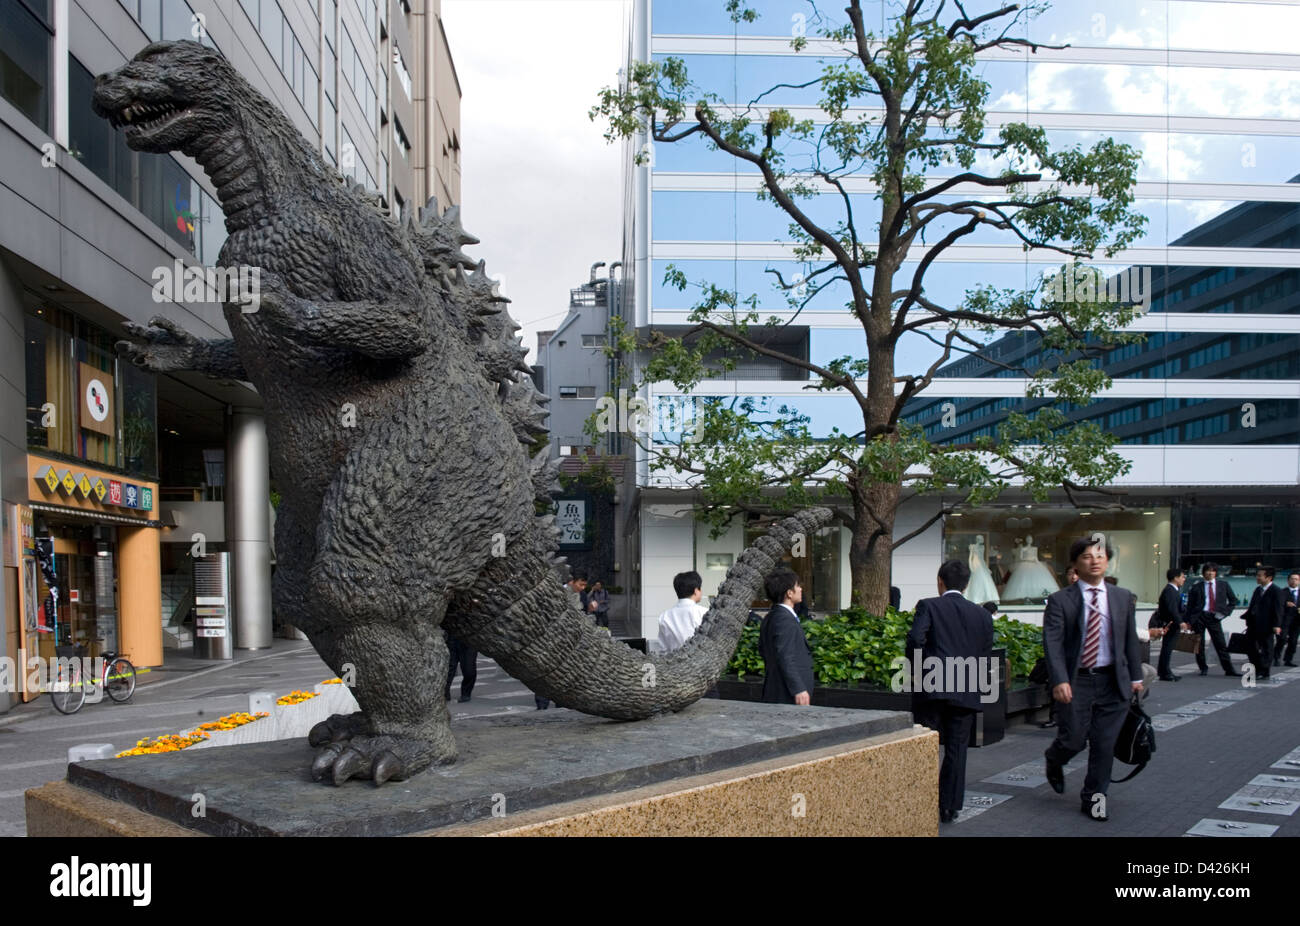 Bronzestatue von Godzilla, Kreatur Filmstar aus 1950, sitzt auf einem prominenten Sockel im Hibiya Kino Bezirk in Stockbild